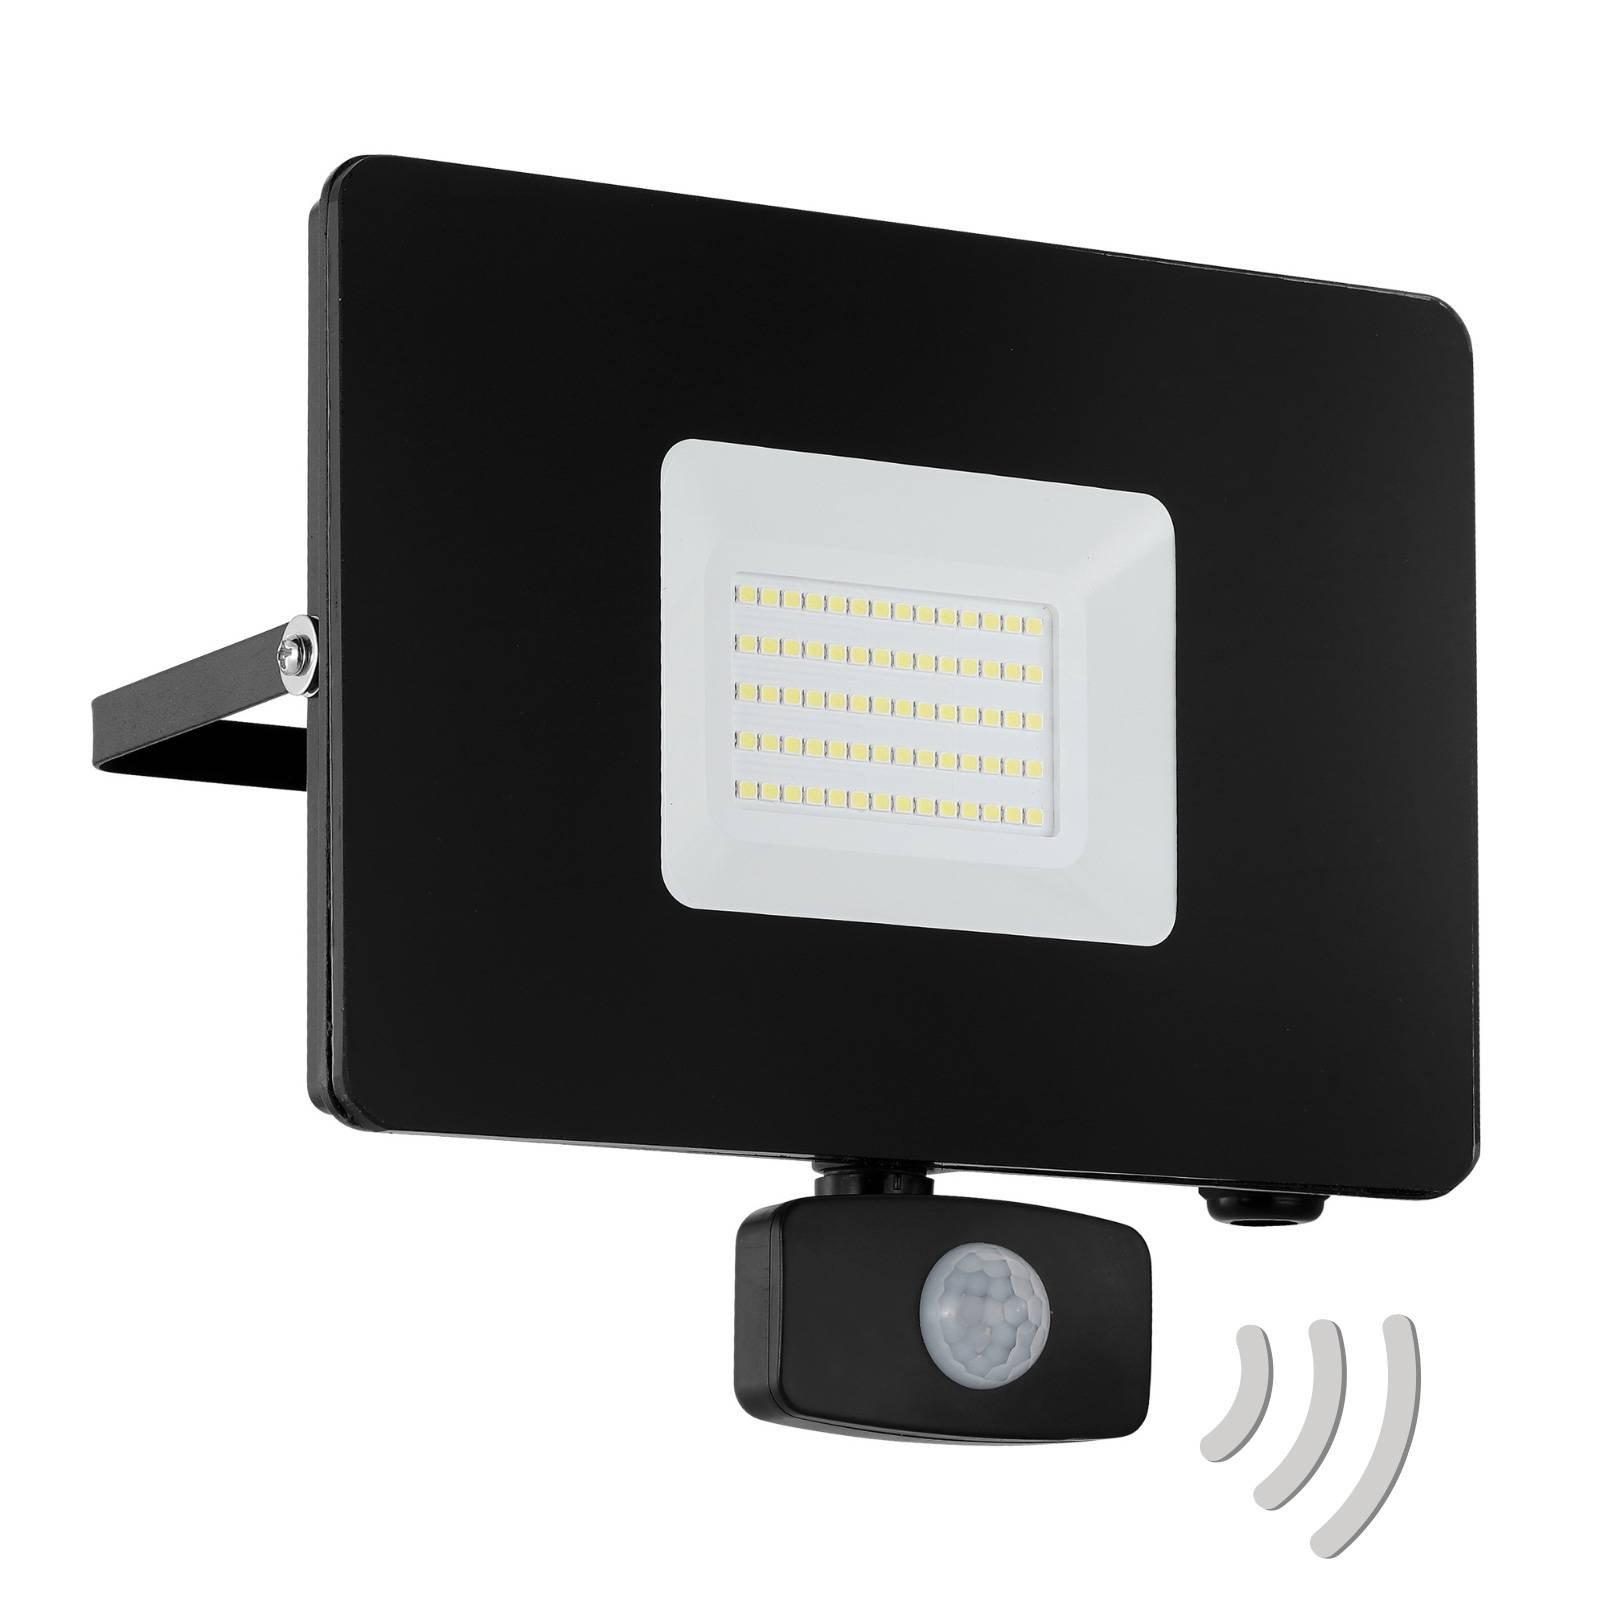 Utendørs LED-spot Faedo 3 med sensor, svart, 50 W